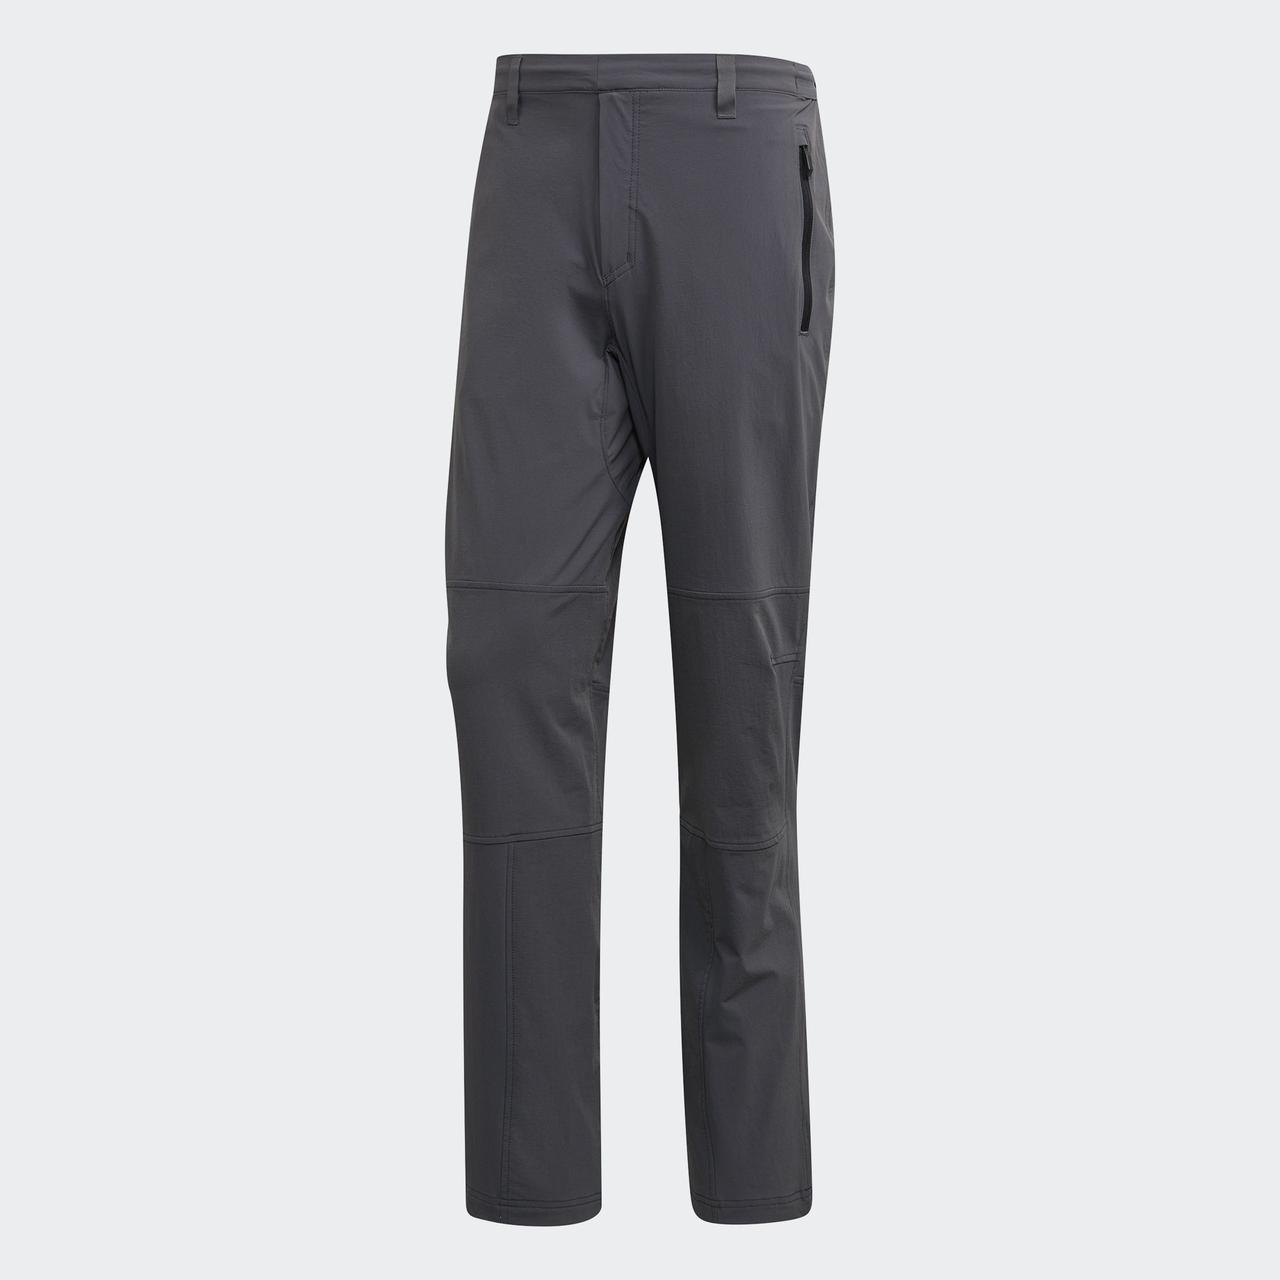 Мужские брюки Adidas Outdoor Multi (Артикул: CY8865)